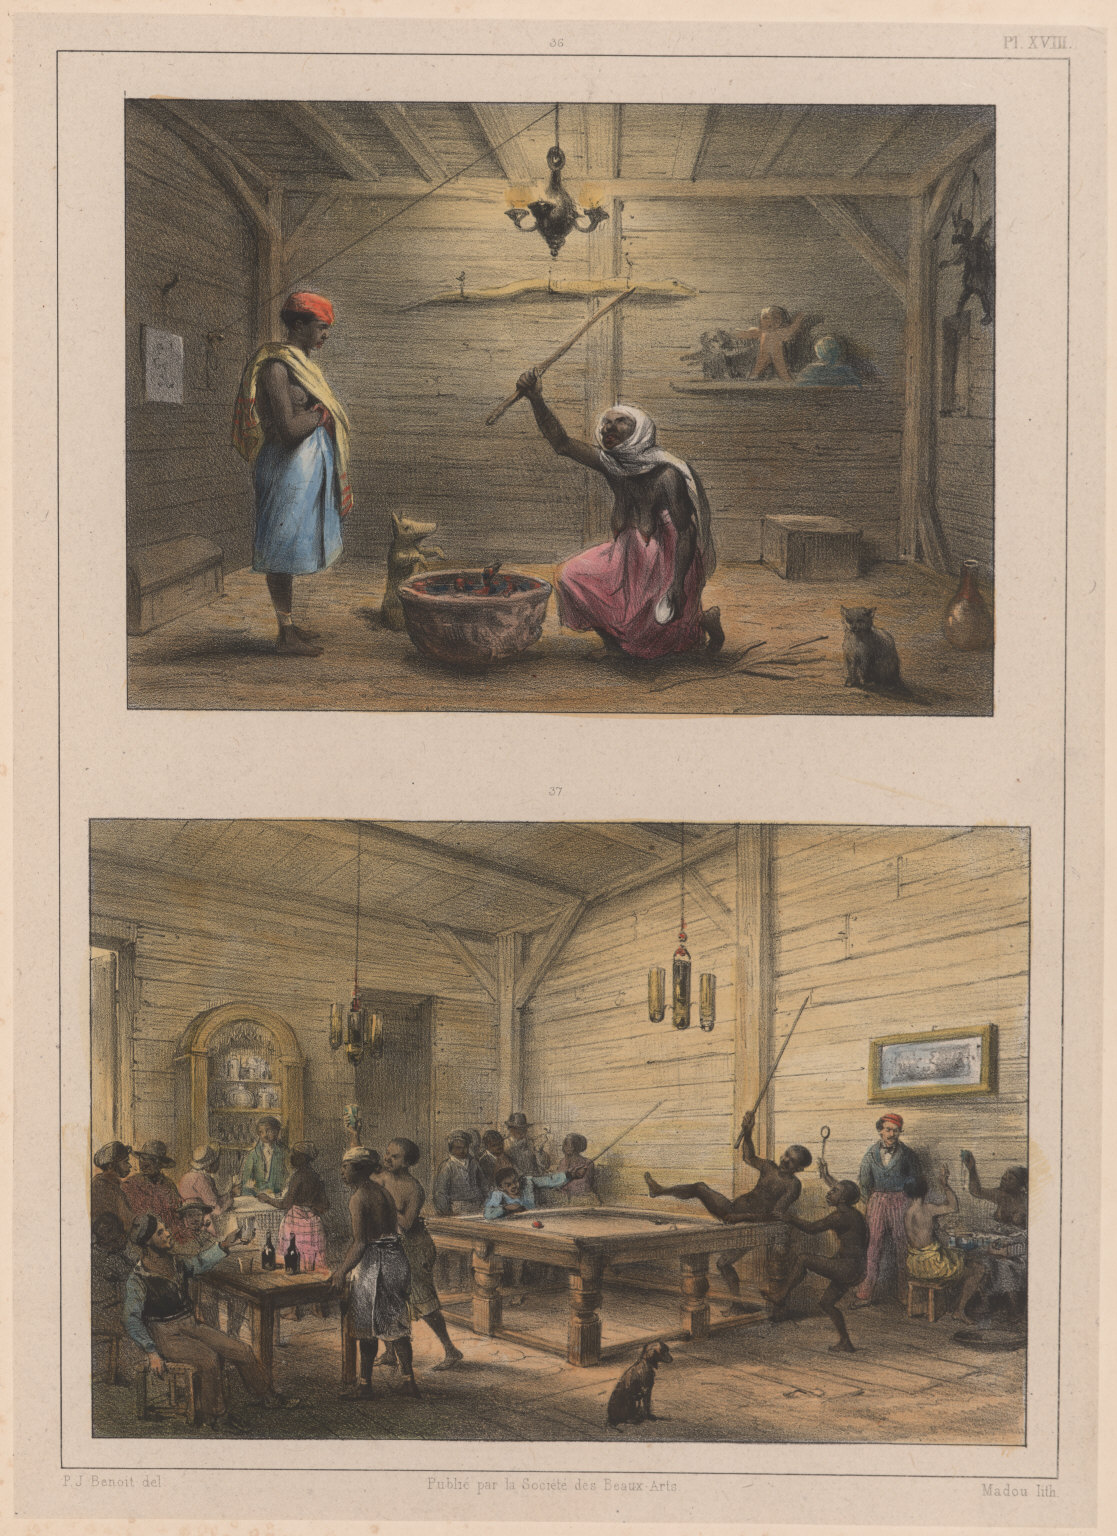 36. La Mama-snekie, ou water-mama, faisant ses conjurations. 37. Négres s'amusant à jouer au billard.